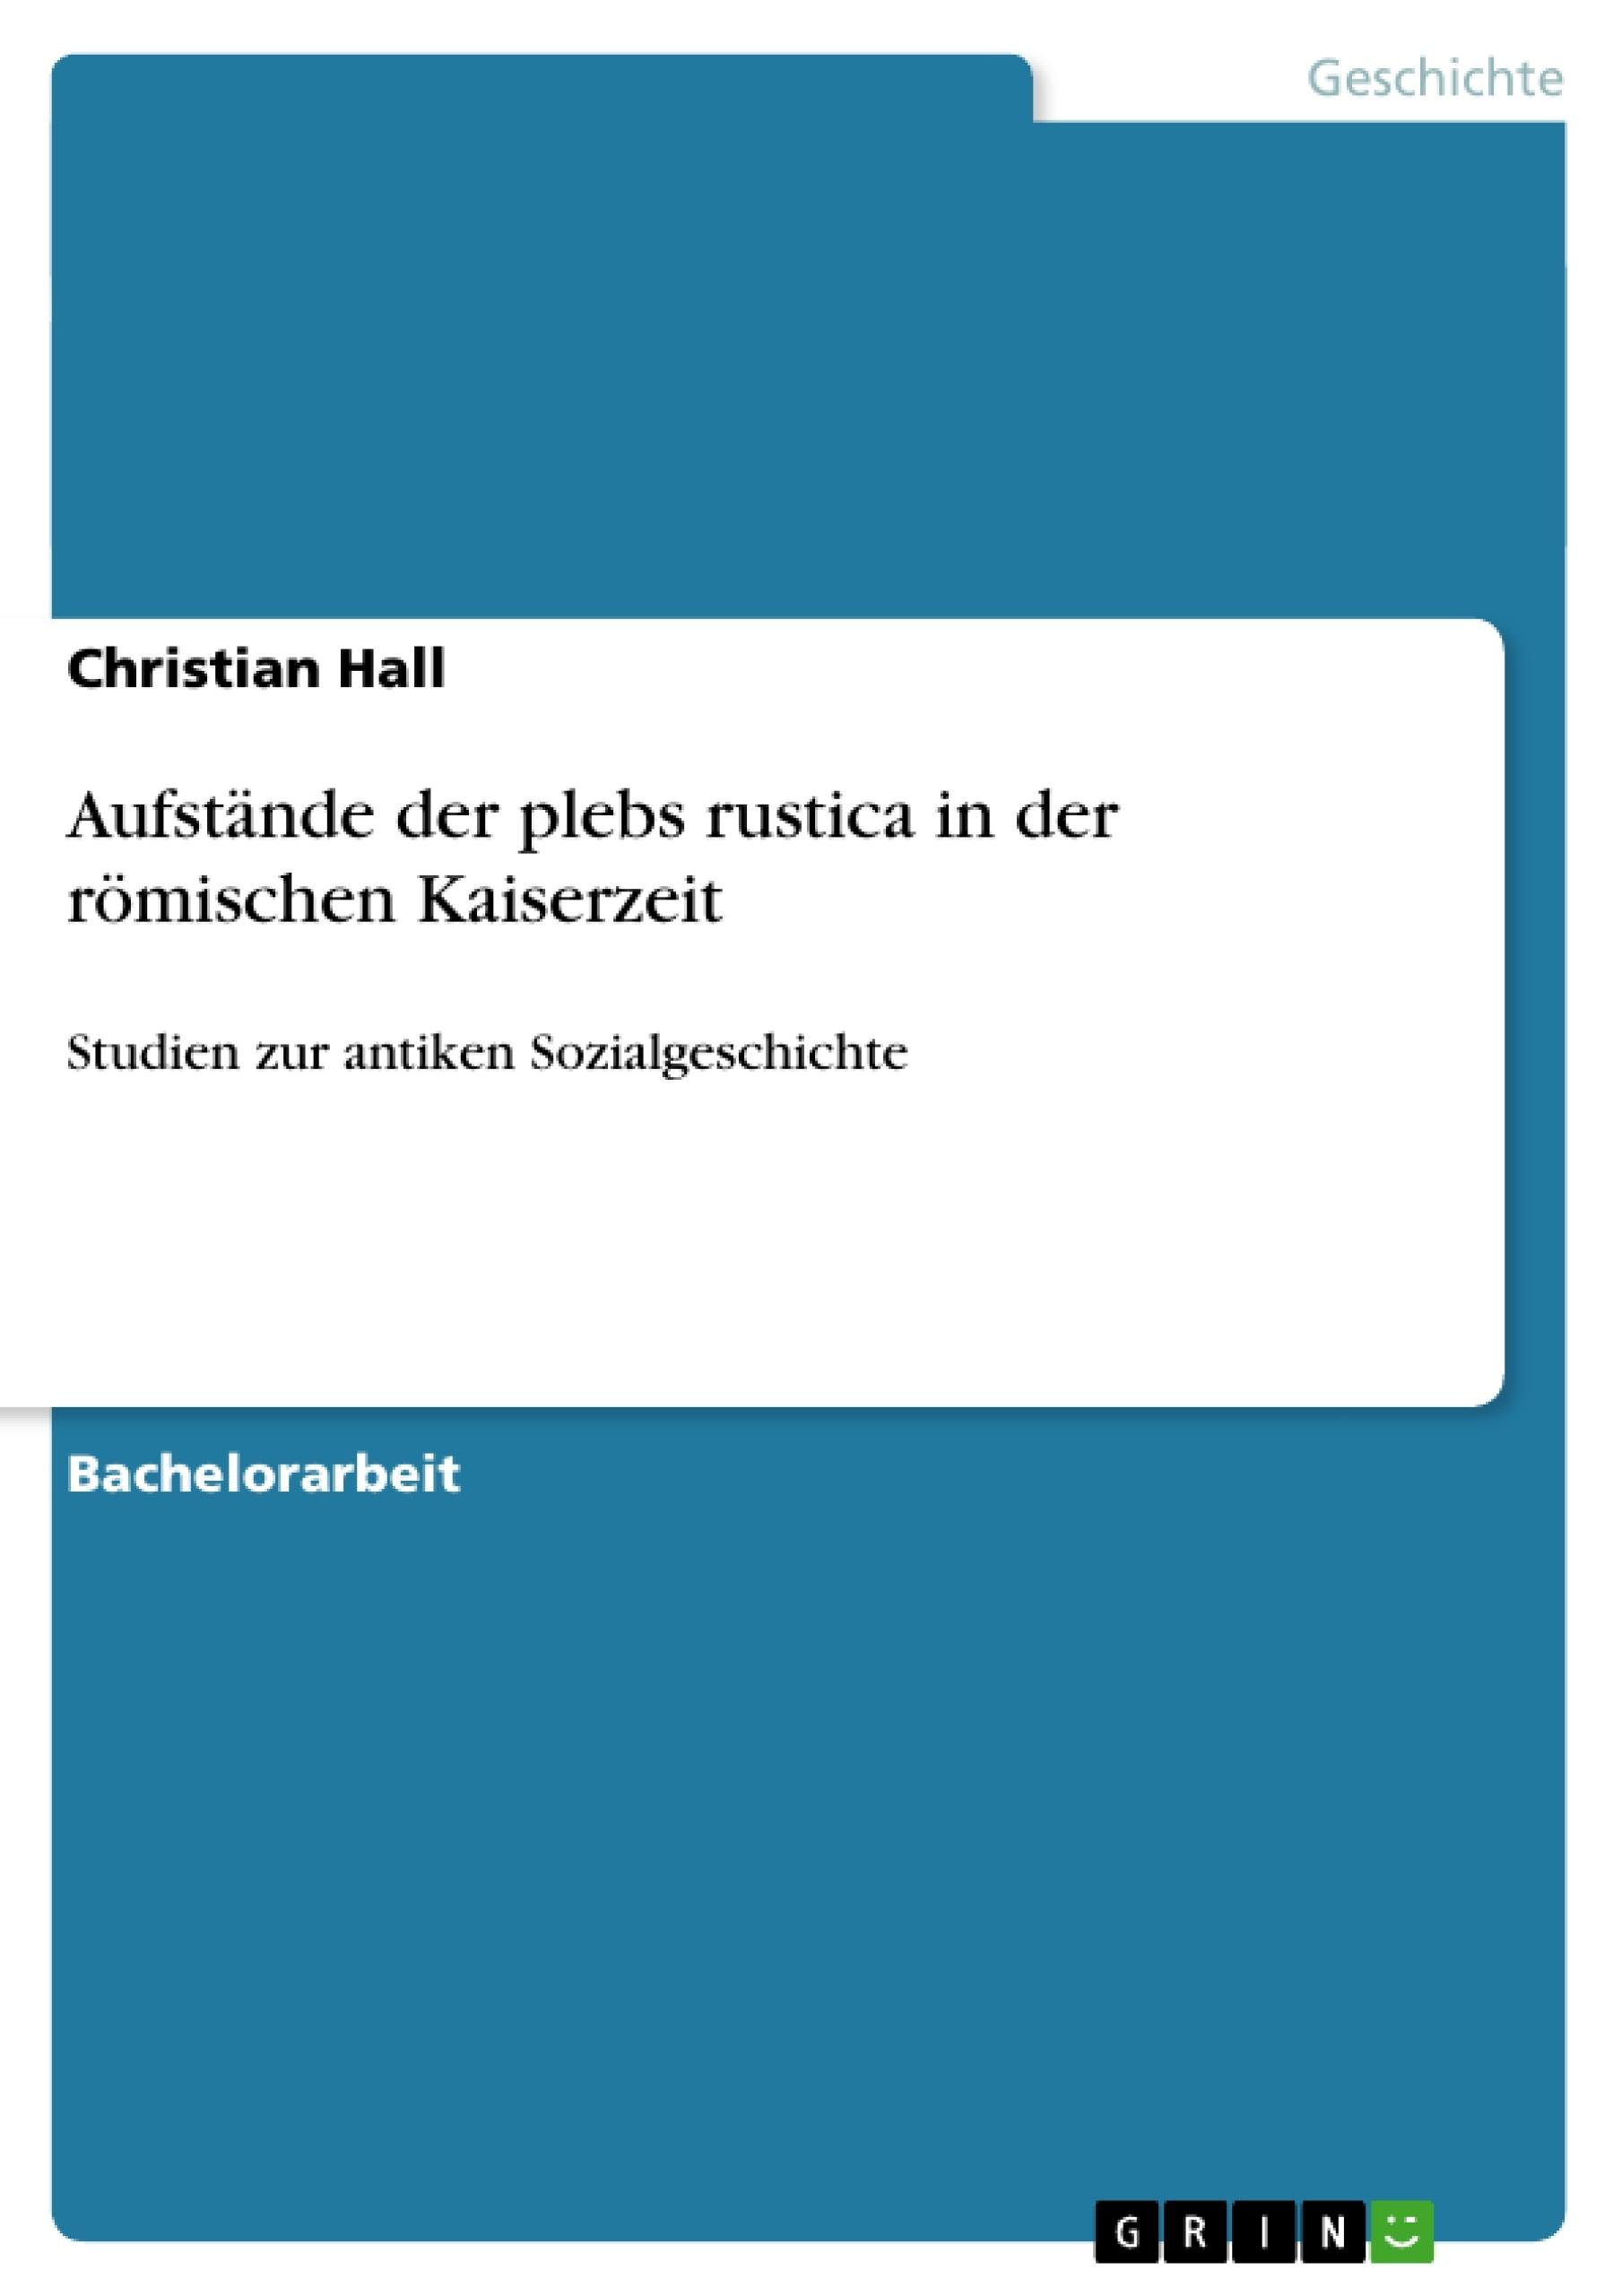 Titel: Aufstände der plebs rustica in der römischen Kaiserzeit